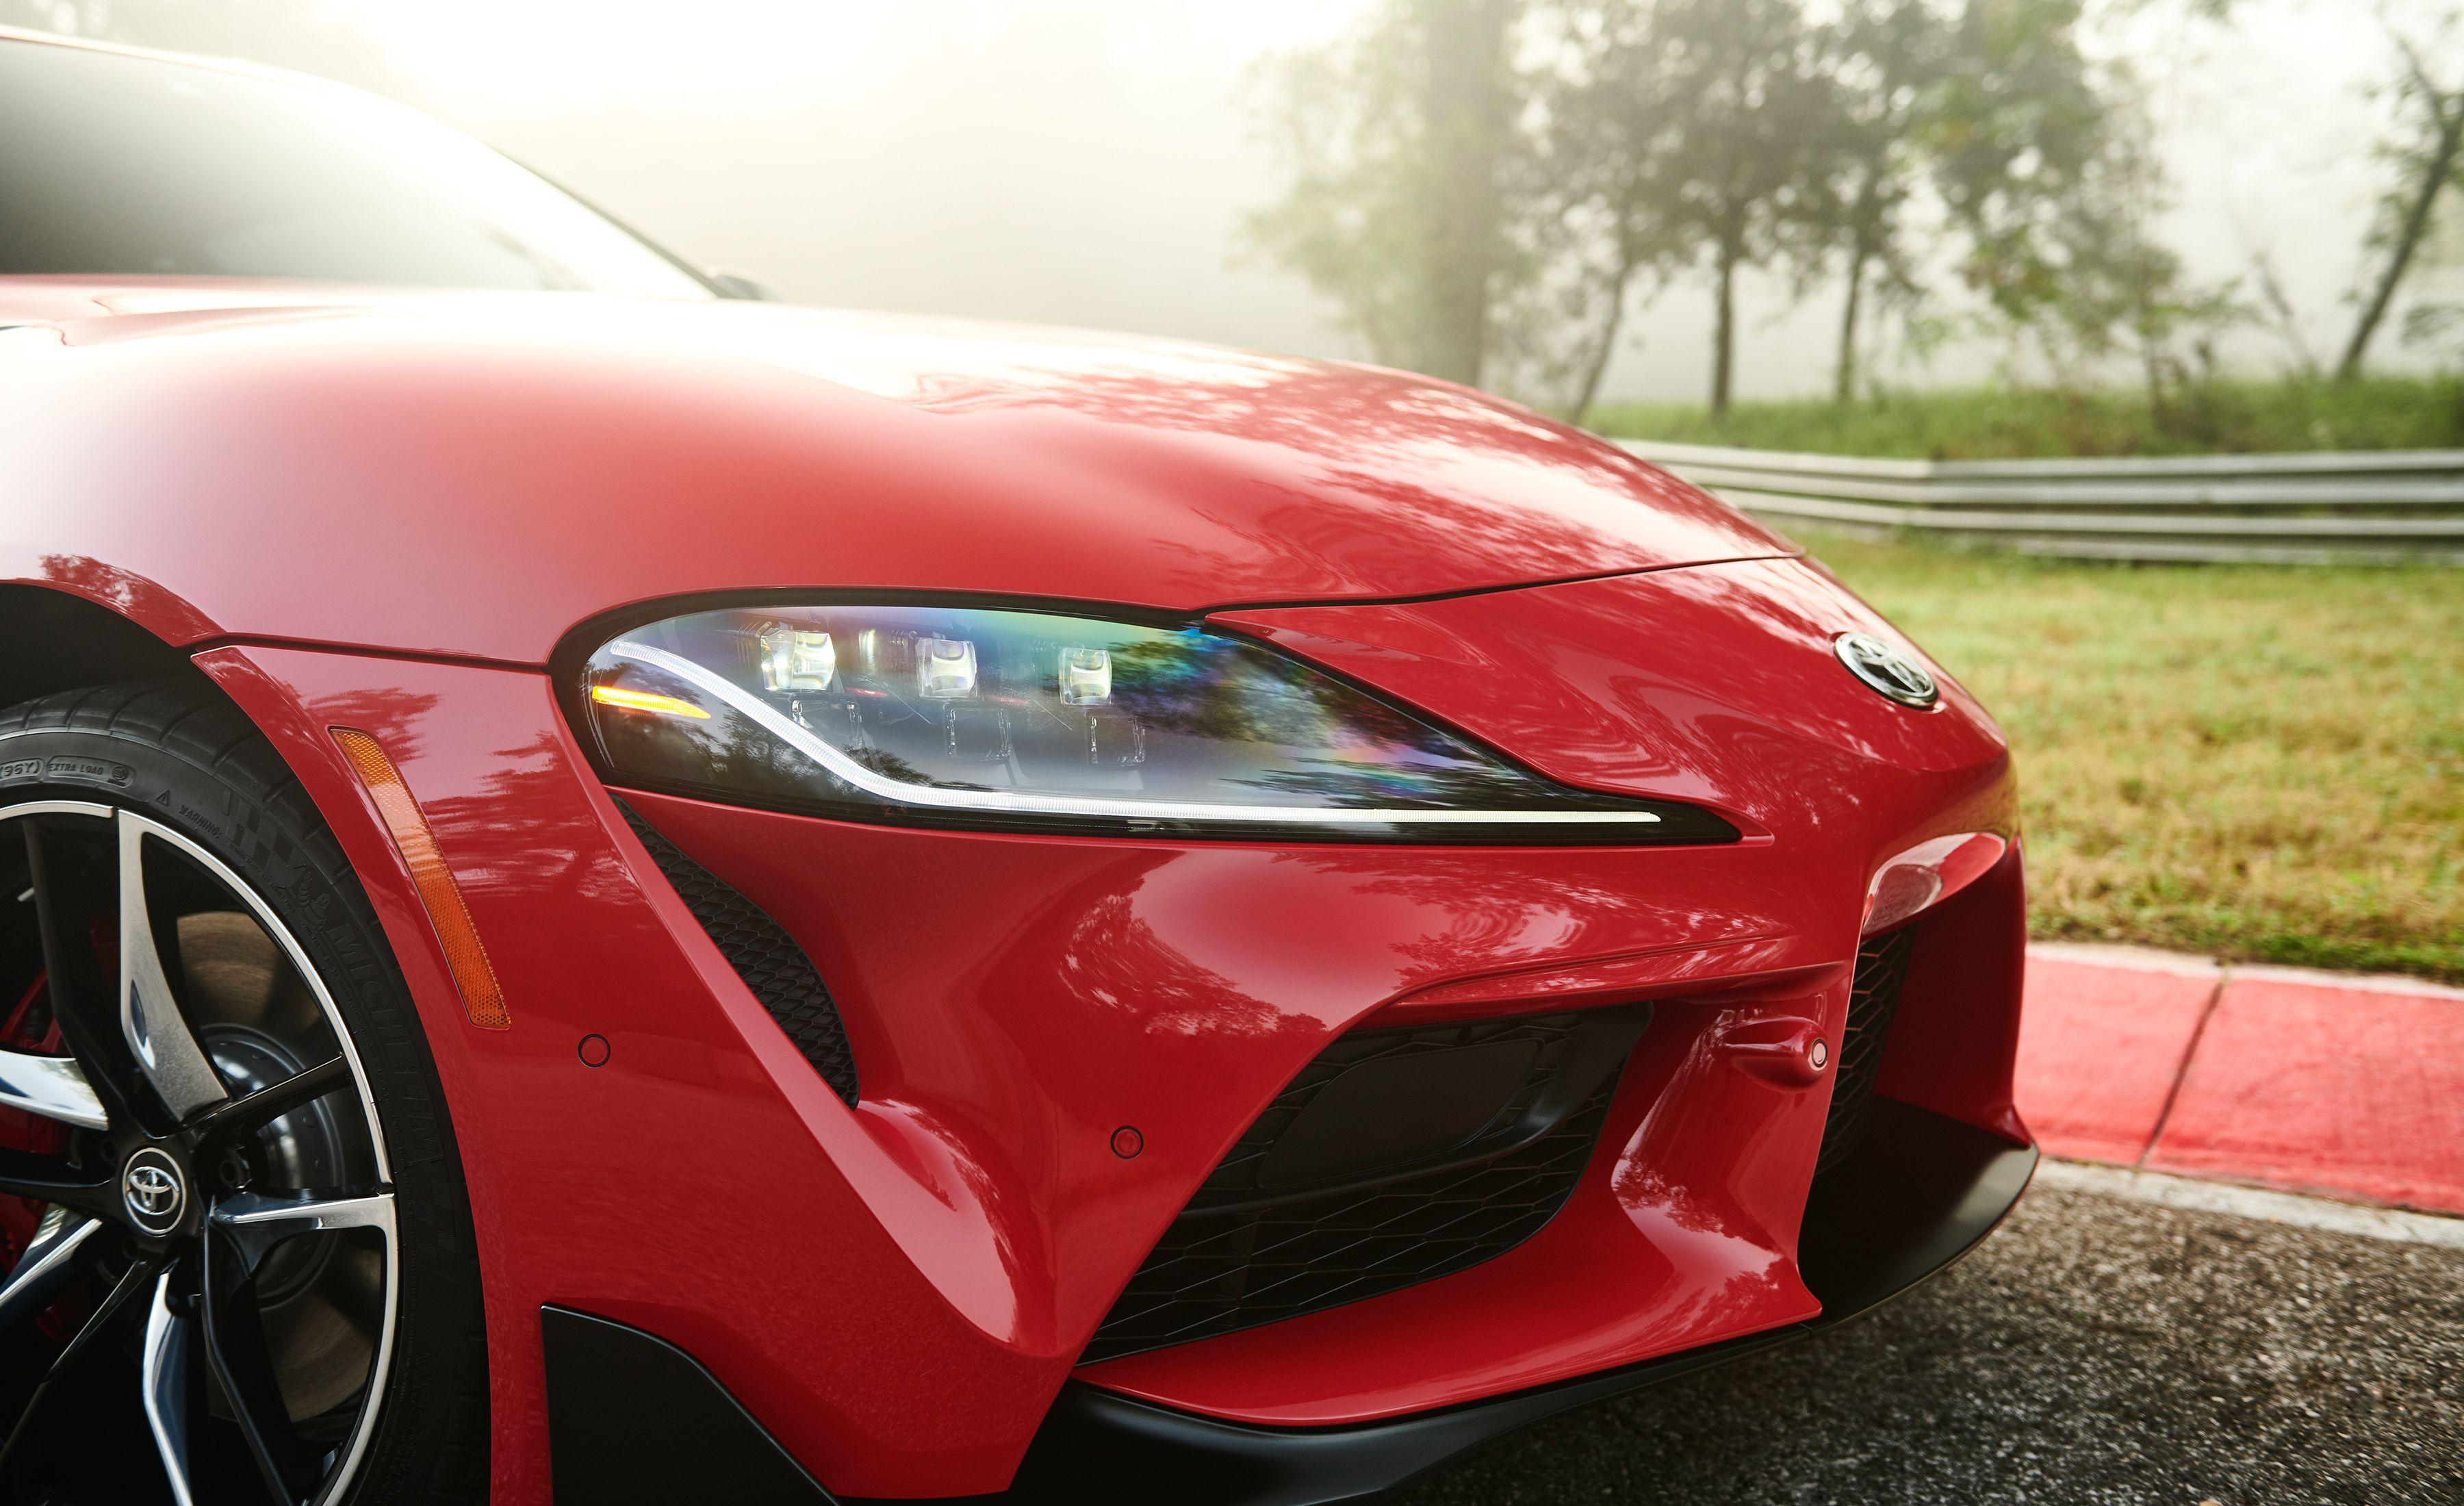 2020 Toyota Supra Reviews Toyota Supra Price Photos And Specs